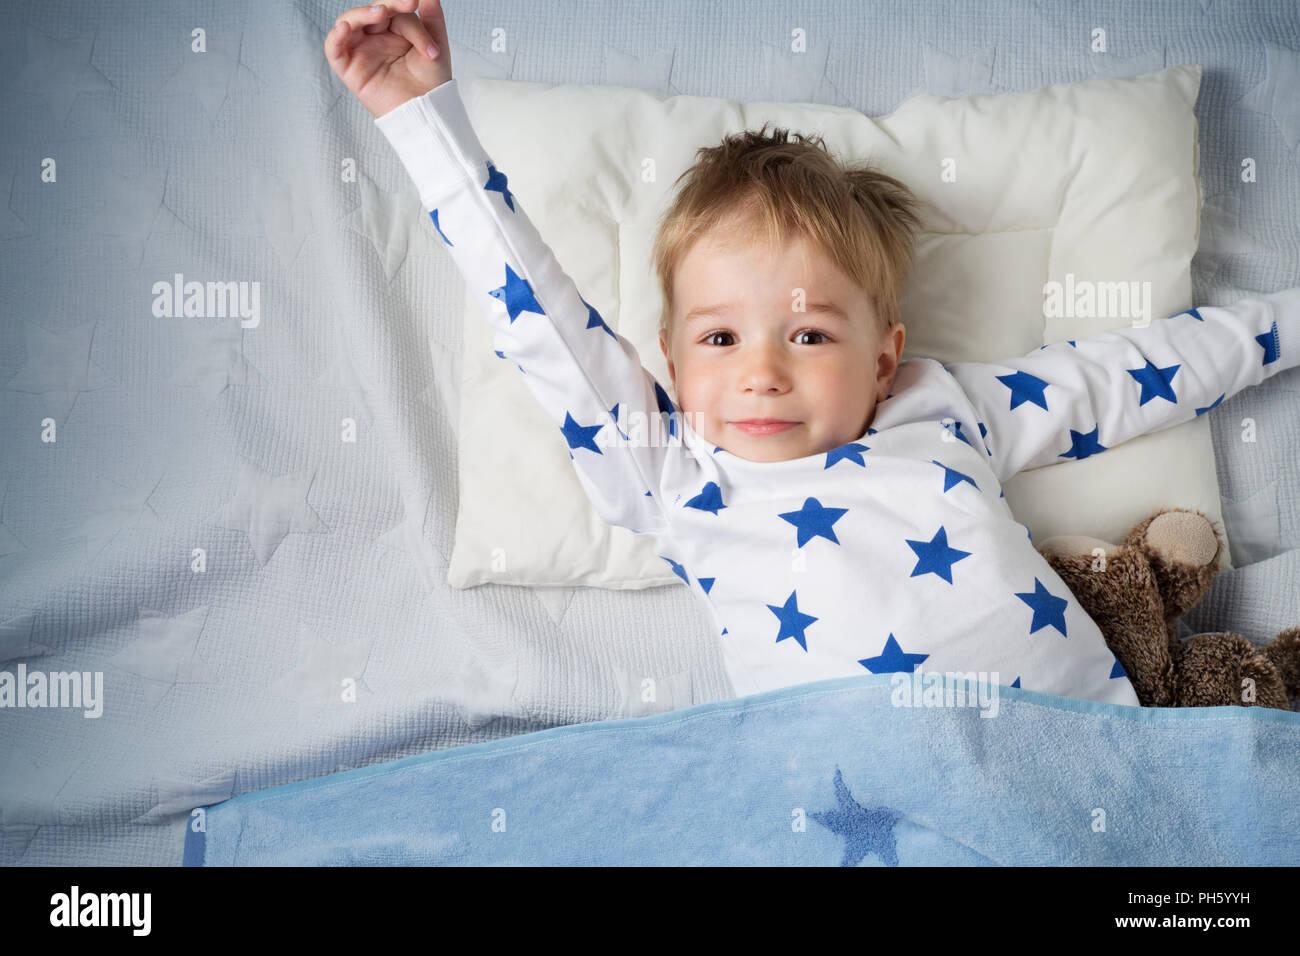 Drei Jahre alten Kind schlafen im Bett Stockbild